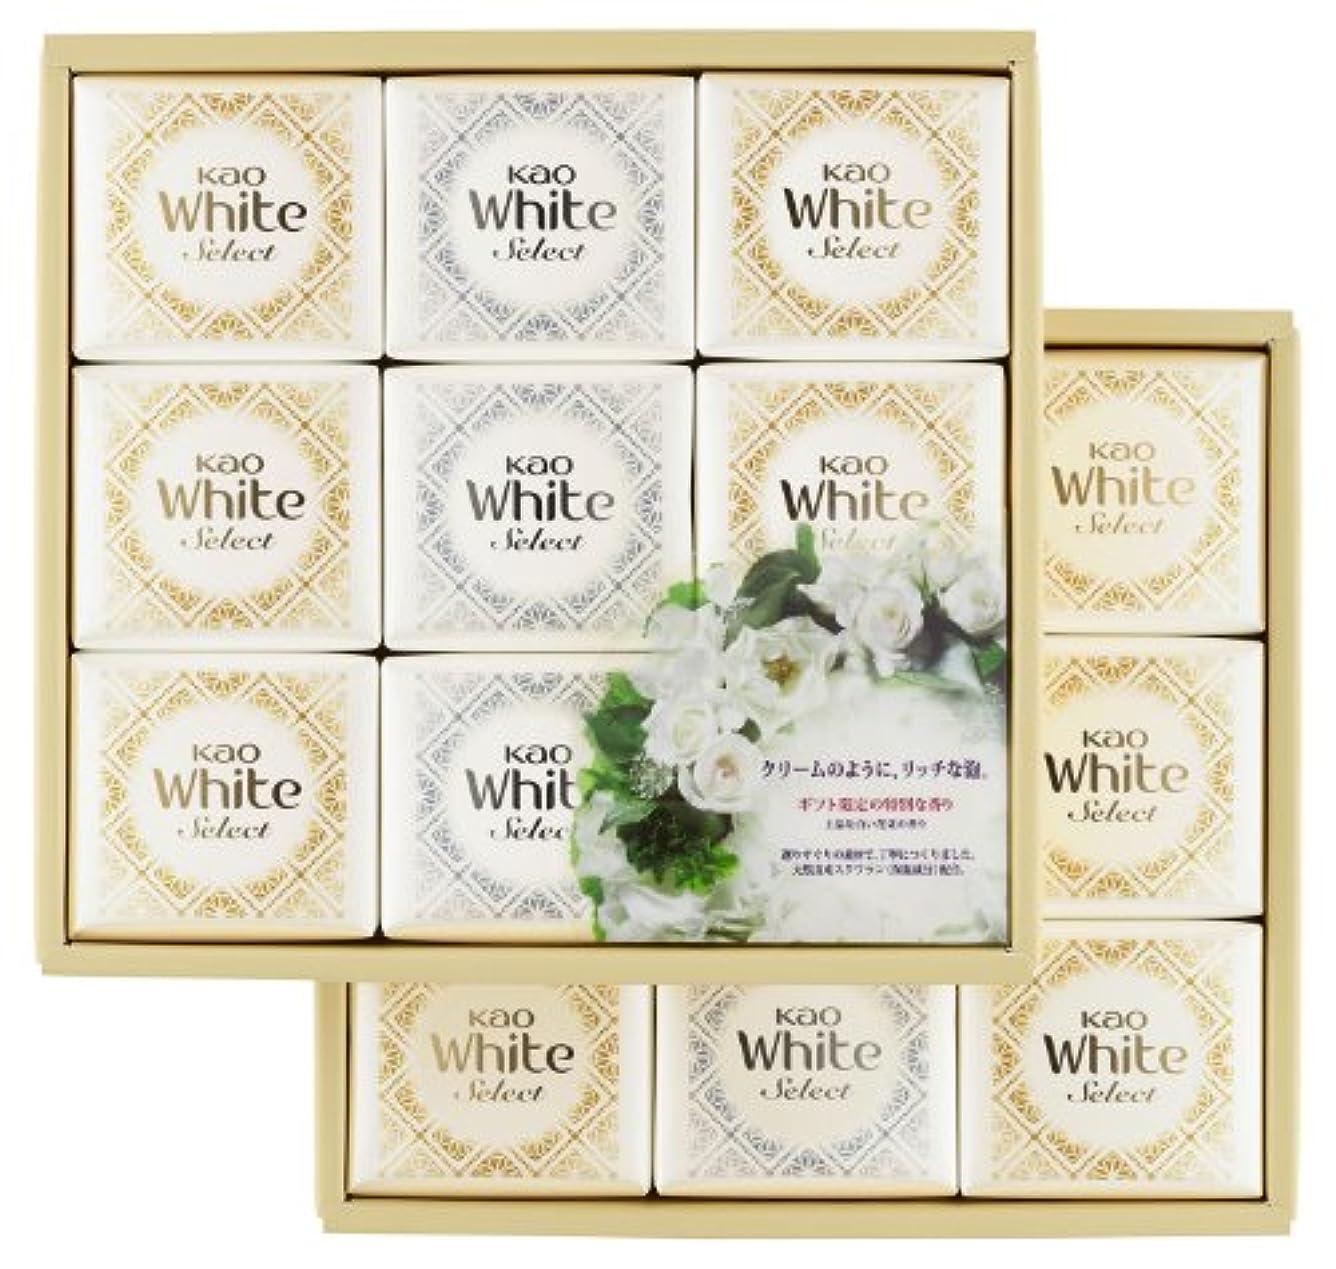 花王ホワイト セレクト 上品な白い花束の香り 85g 18コ K?WS-30